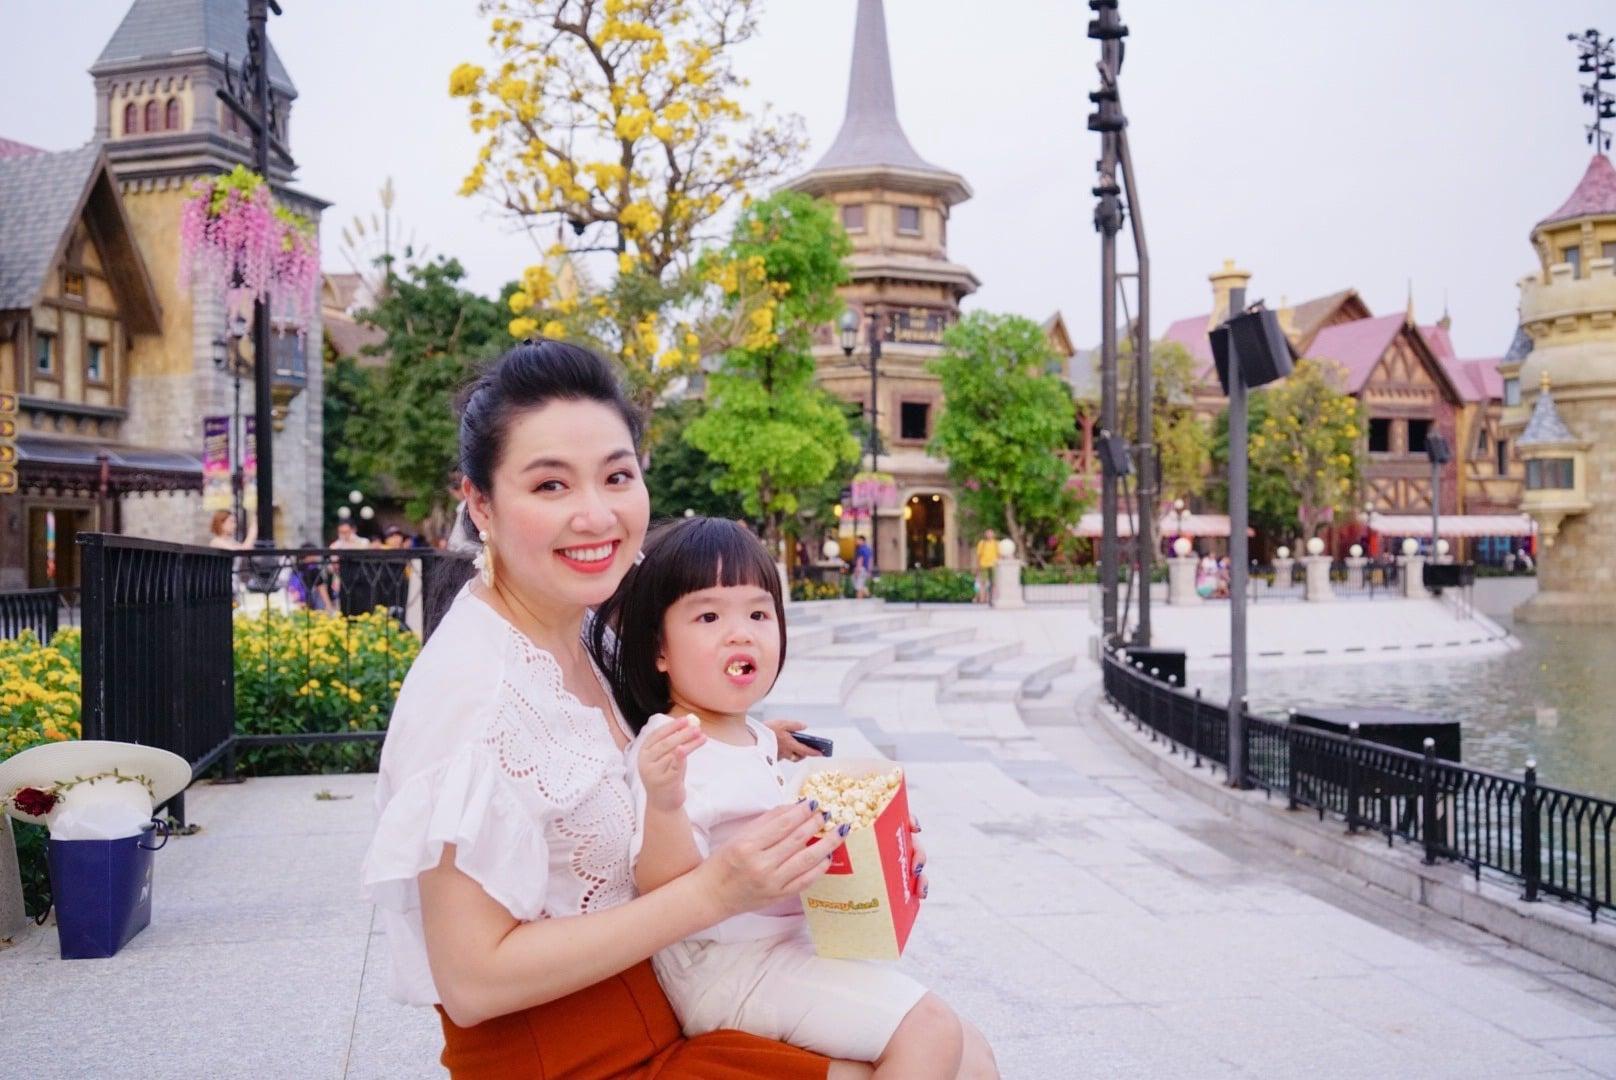 Diễn viên Lê Khánh cho con trai để tóc dài như con gái, lạ nhất là câu trả lời khi có người hỏi giới tính của con Ảnh 2